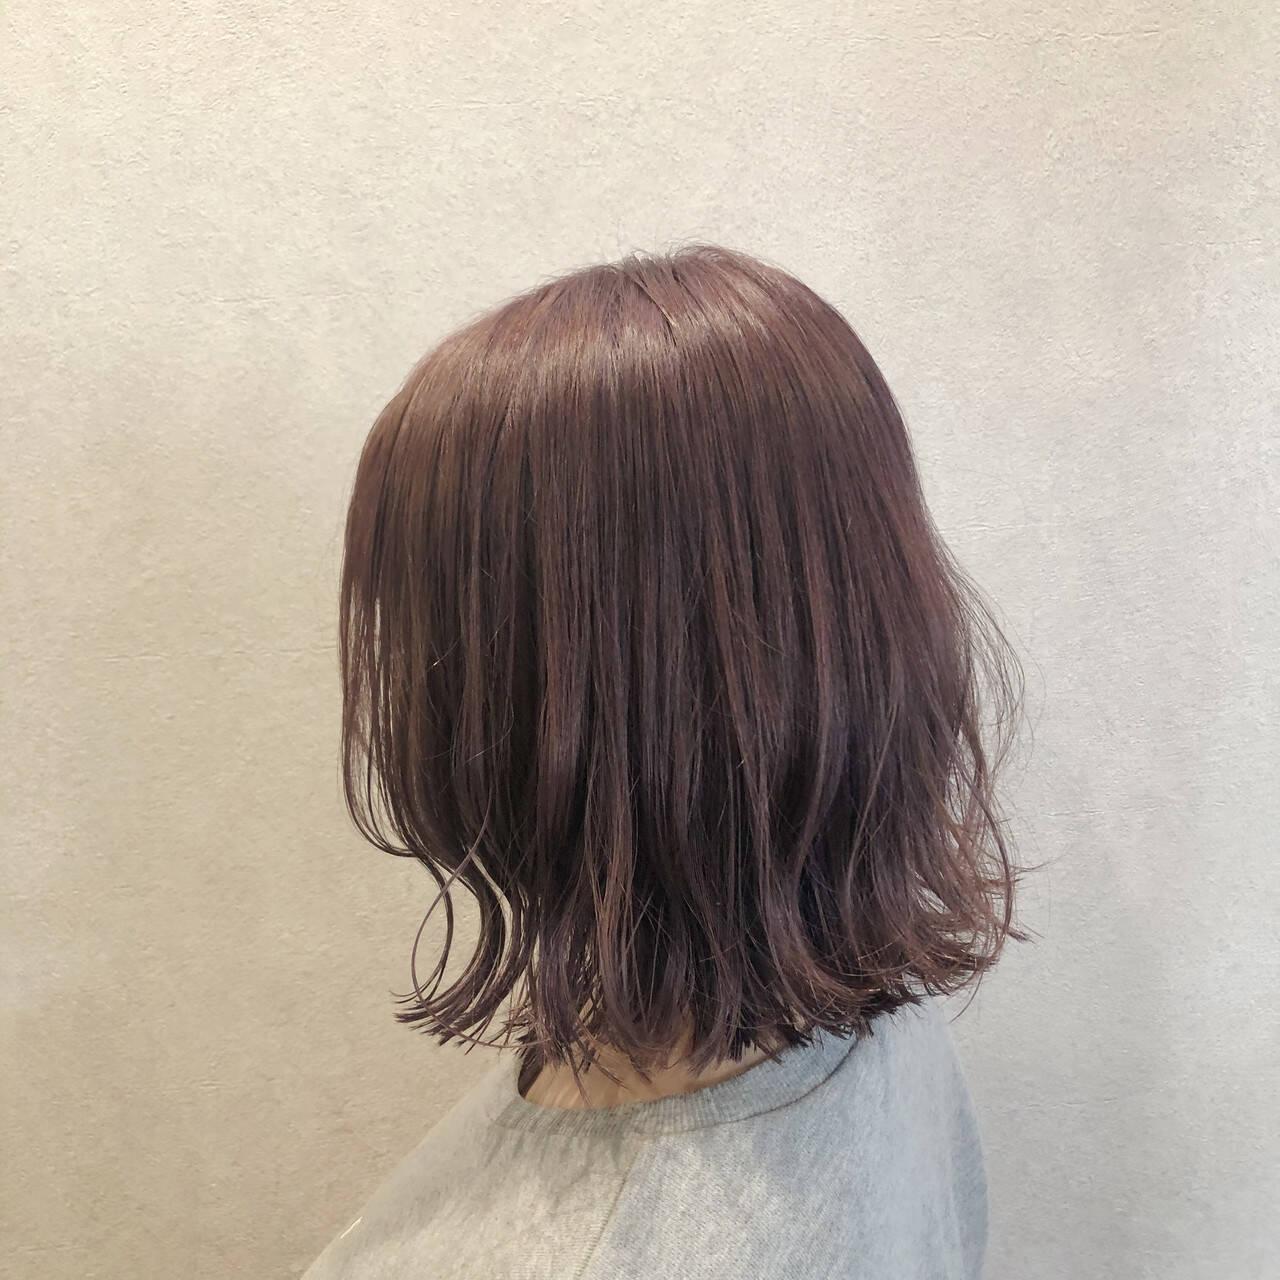 波巻き ミルクティーベージュ ラベンダー ナチュラルヘアスタイルや髪型の写真・画像